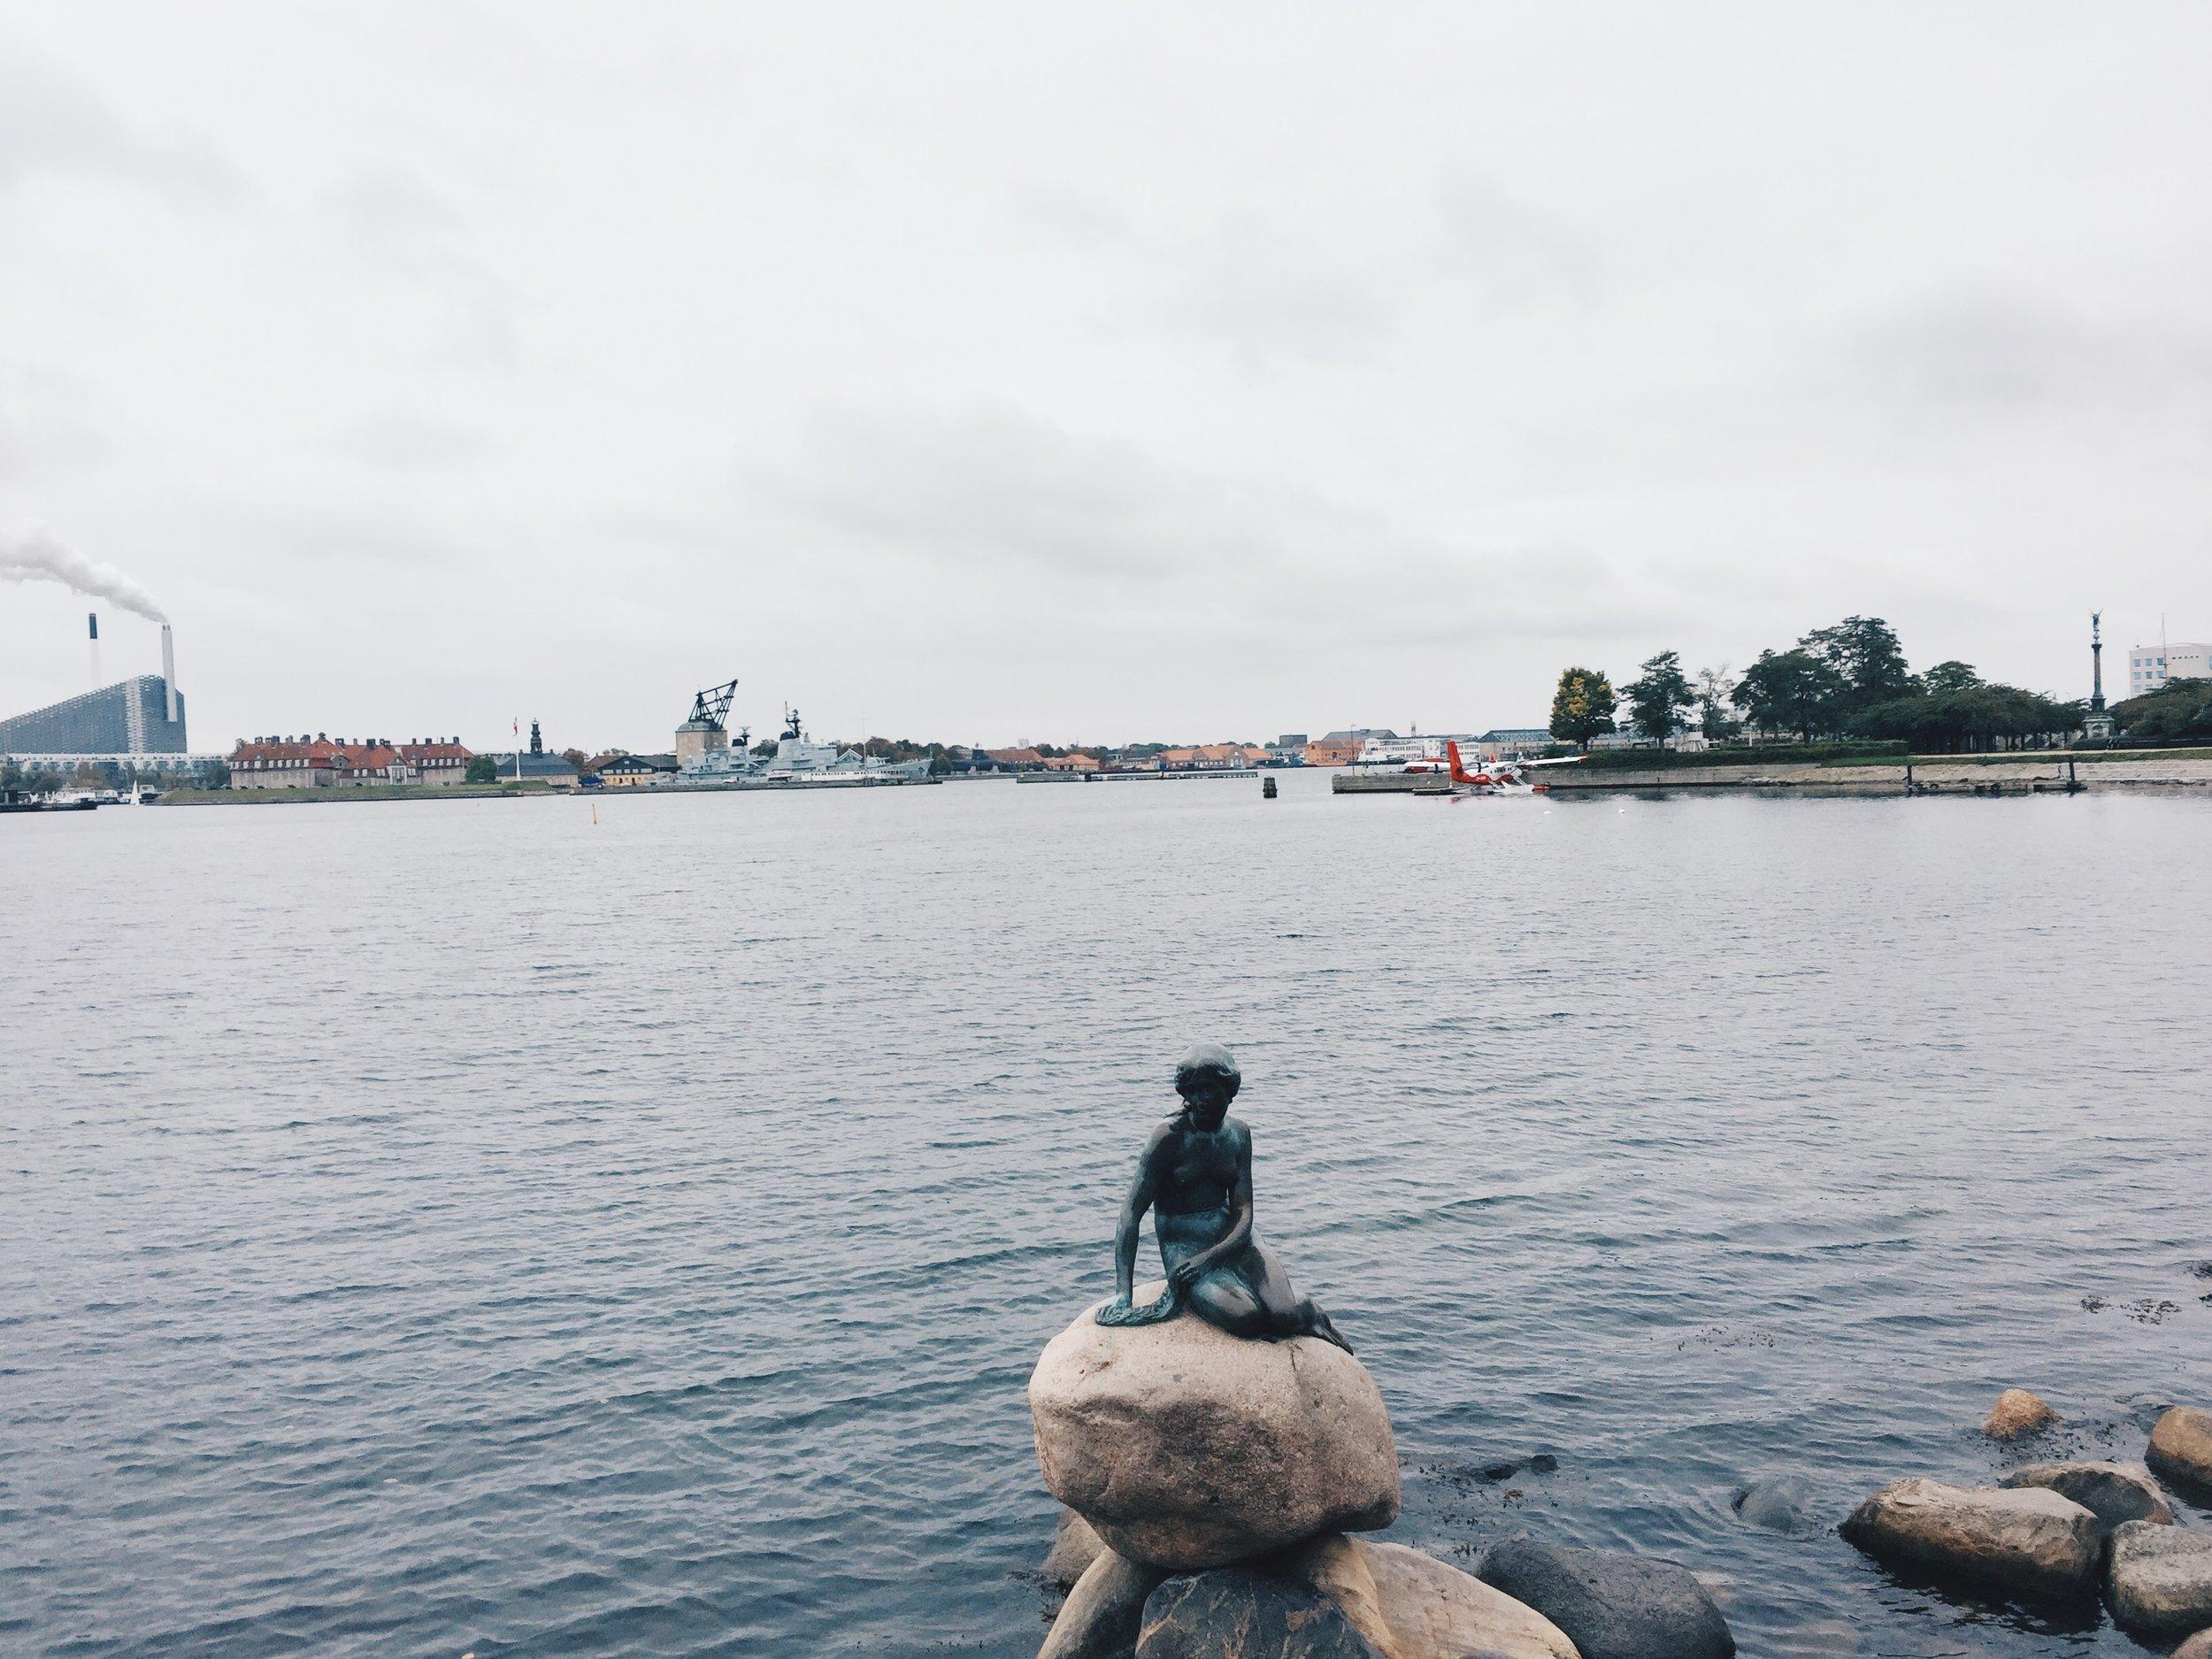 Den Lille Havfrue - The Little Mermaid